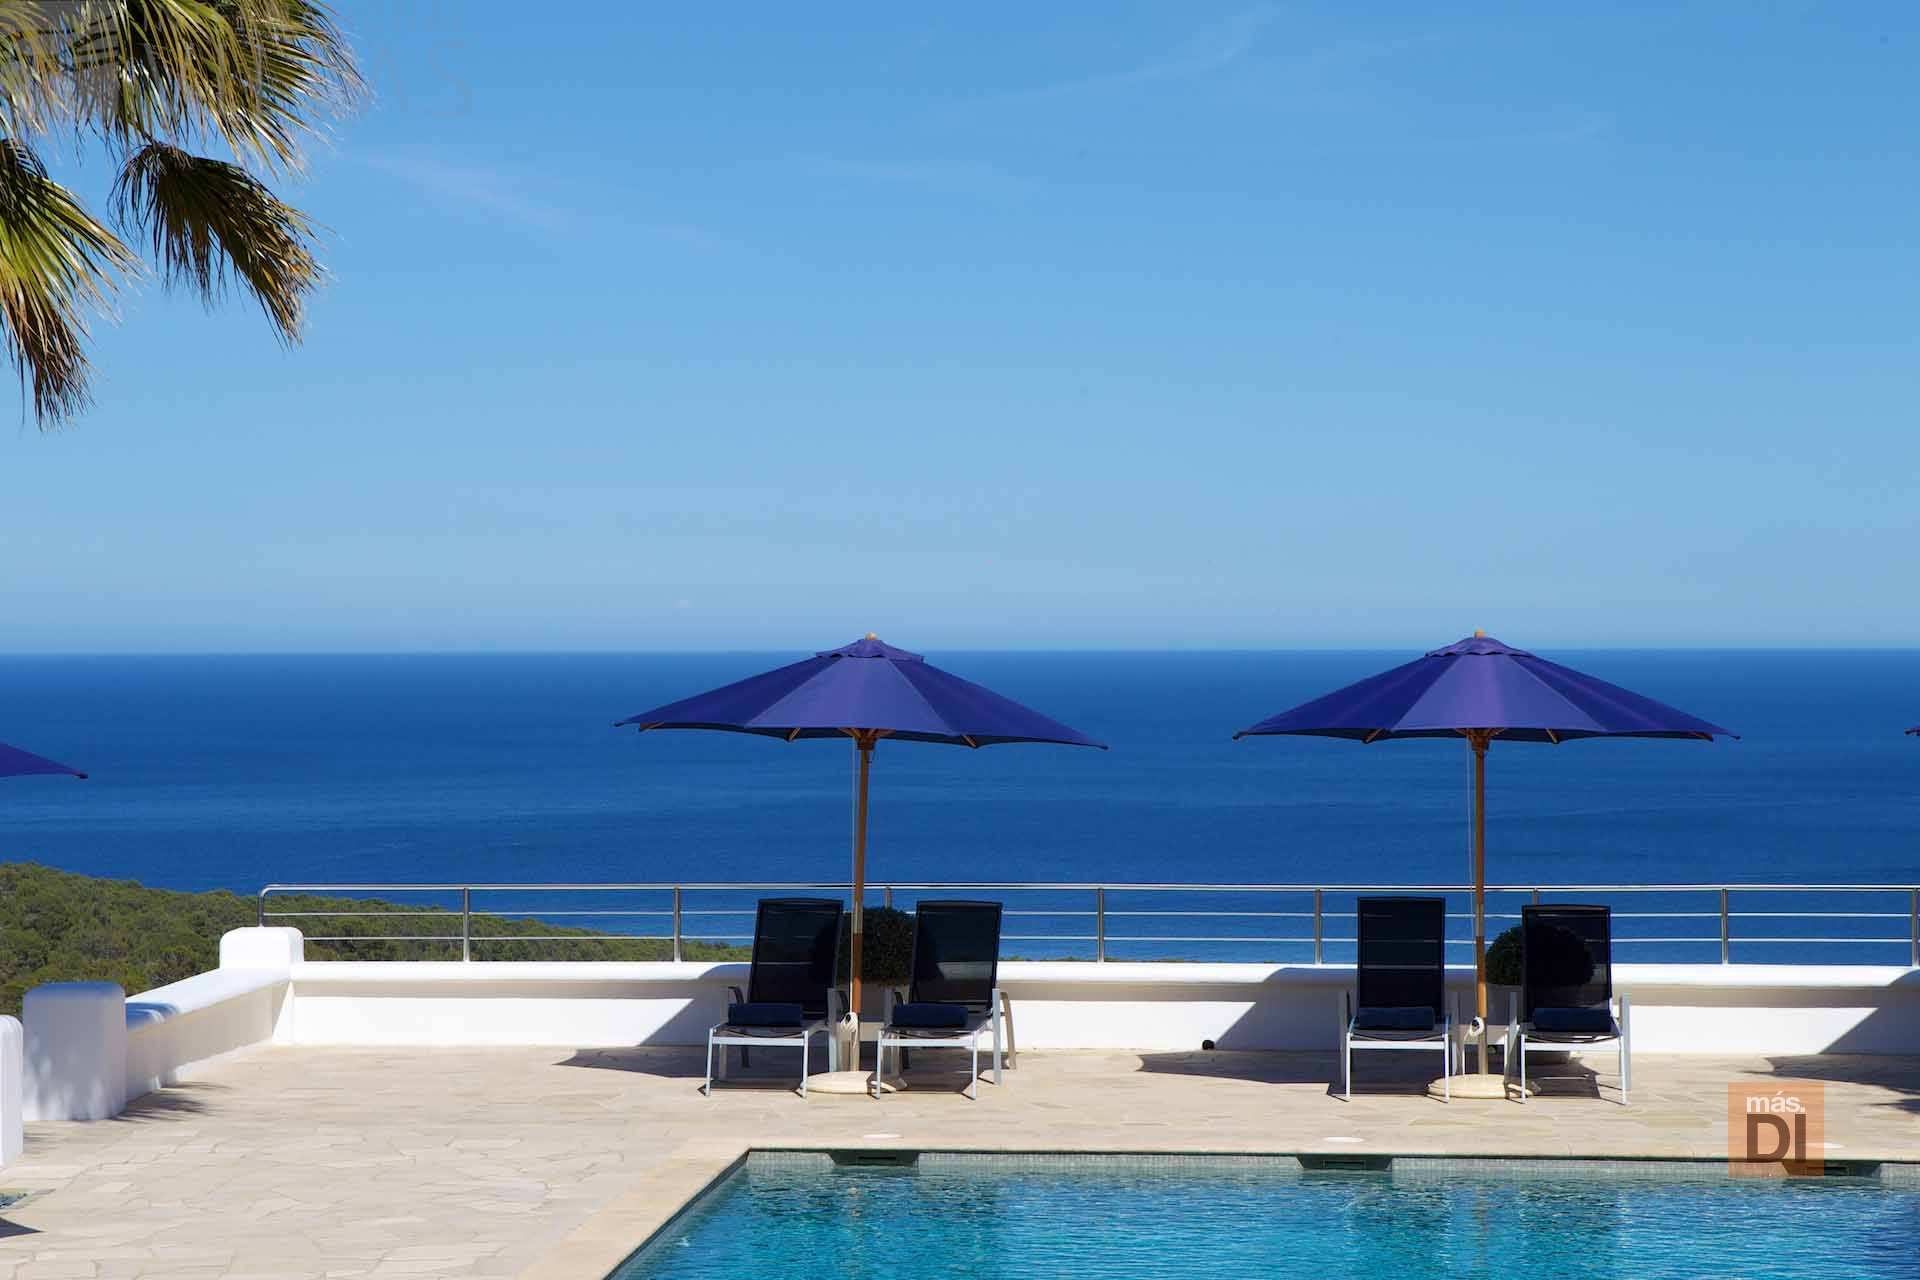 IBIZA COUNTRY VILLAS, confianza, profesionalidad y experencia en Ibiza